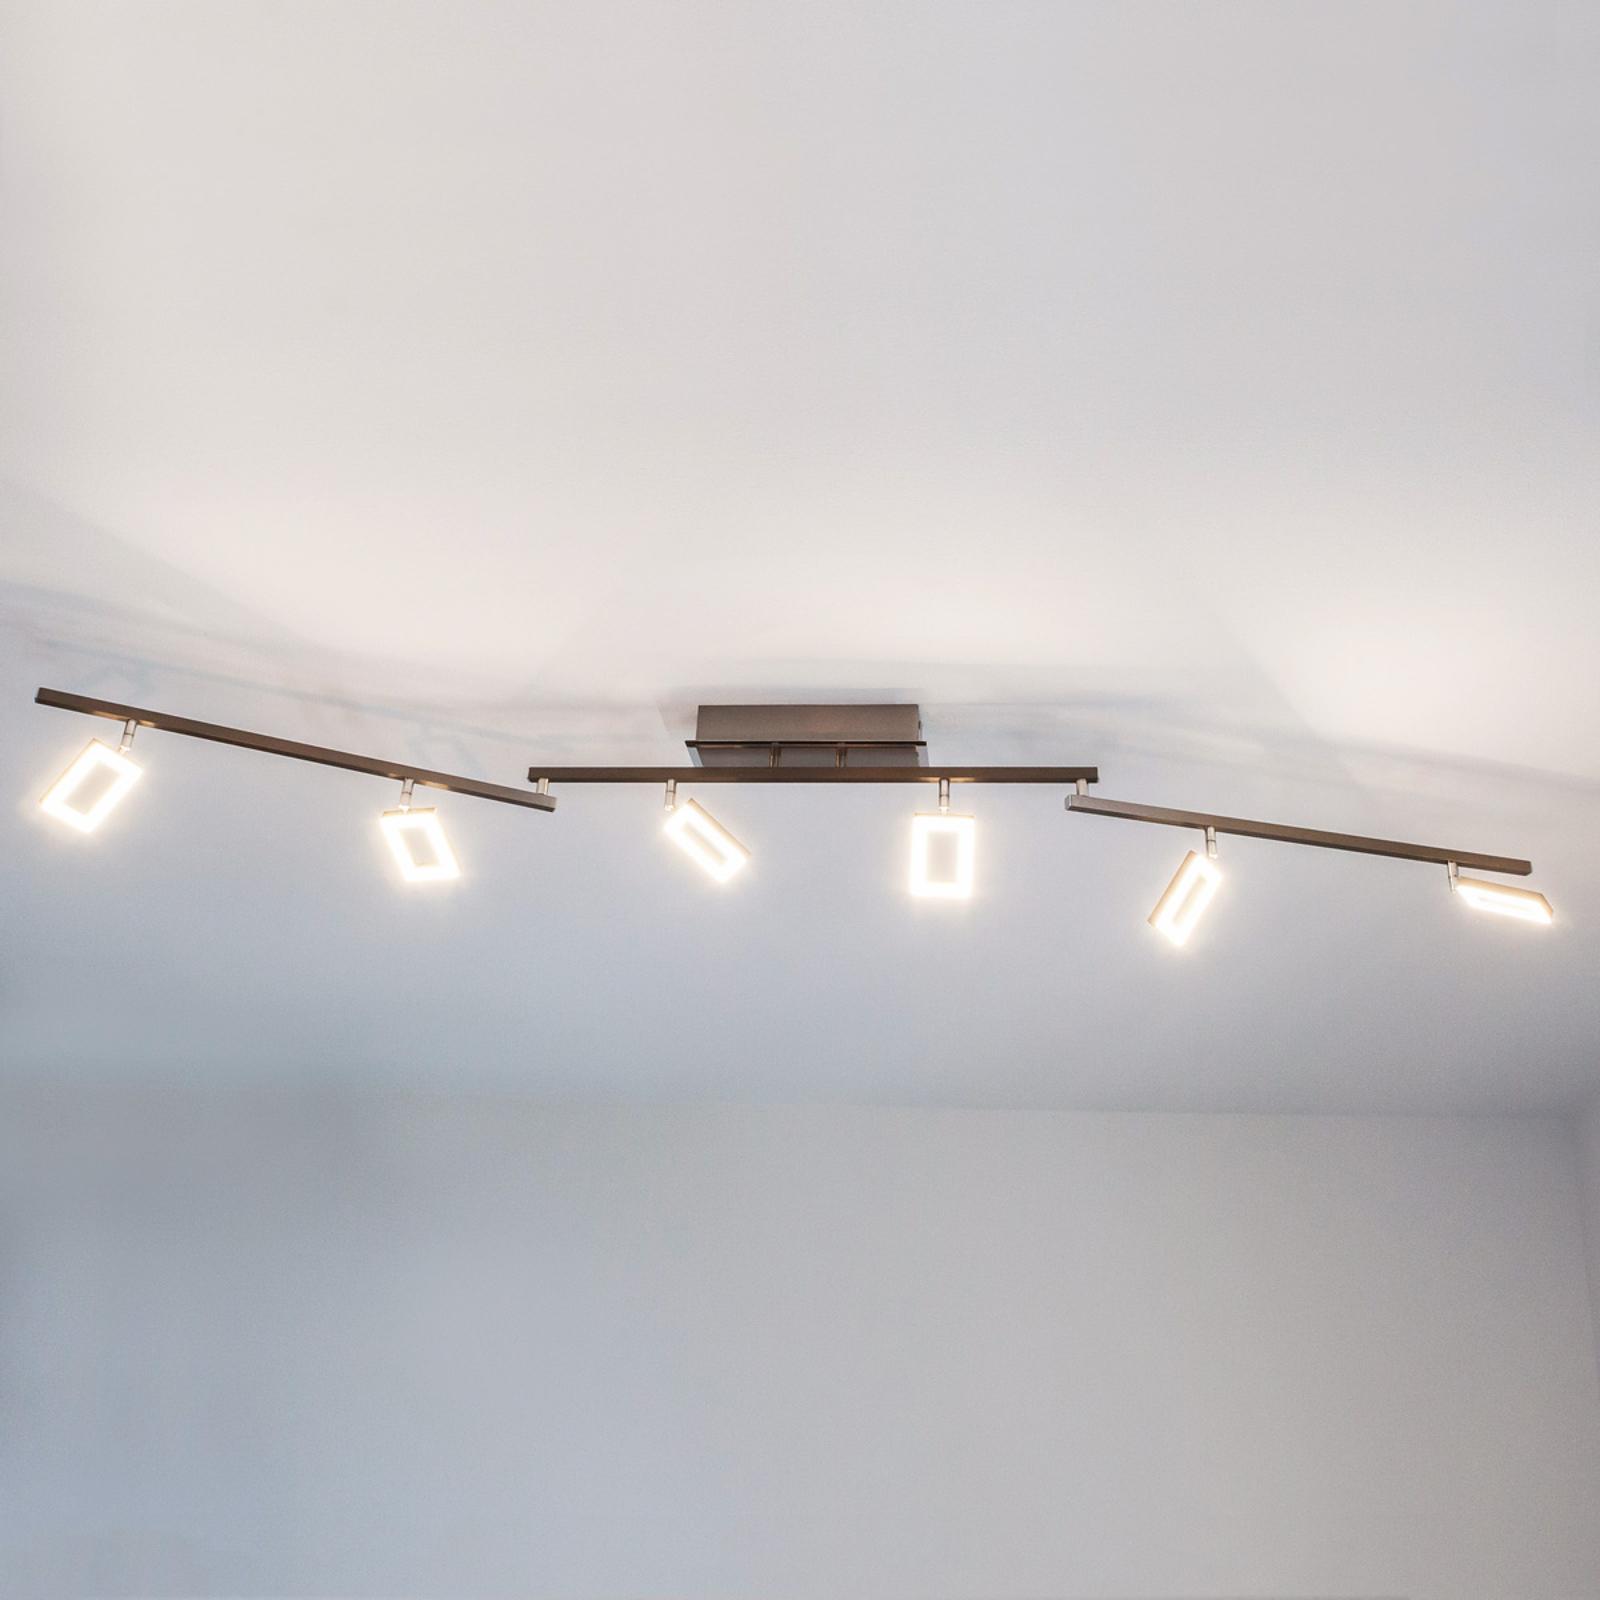 Sechsflammige LED-Deckenleuchte Inigo